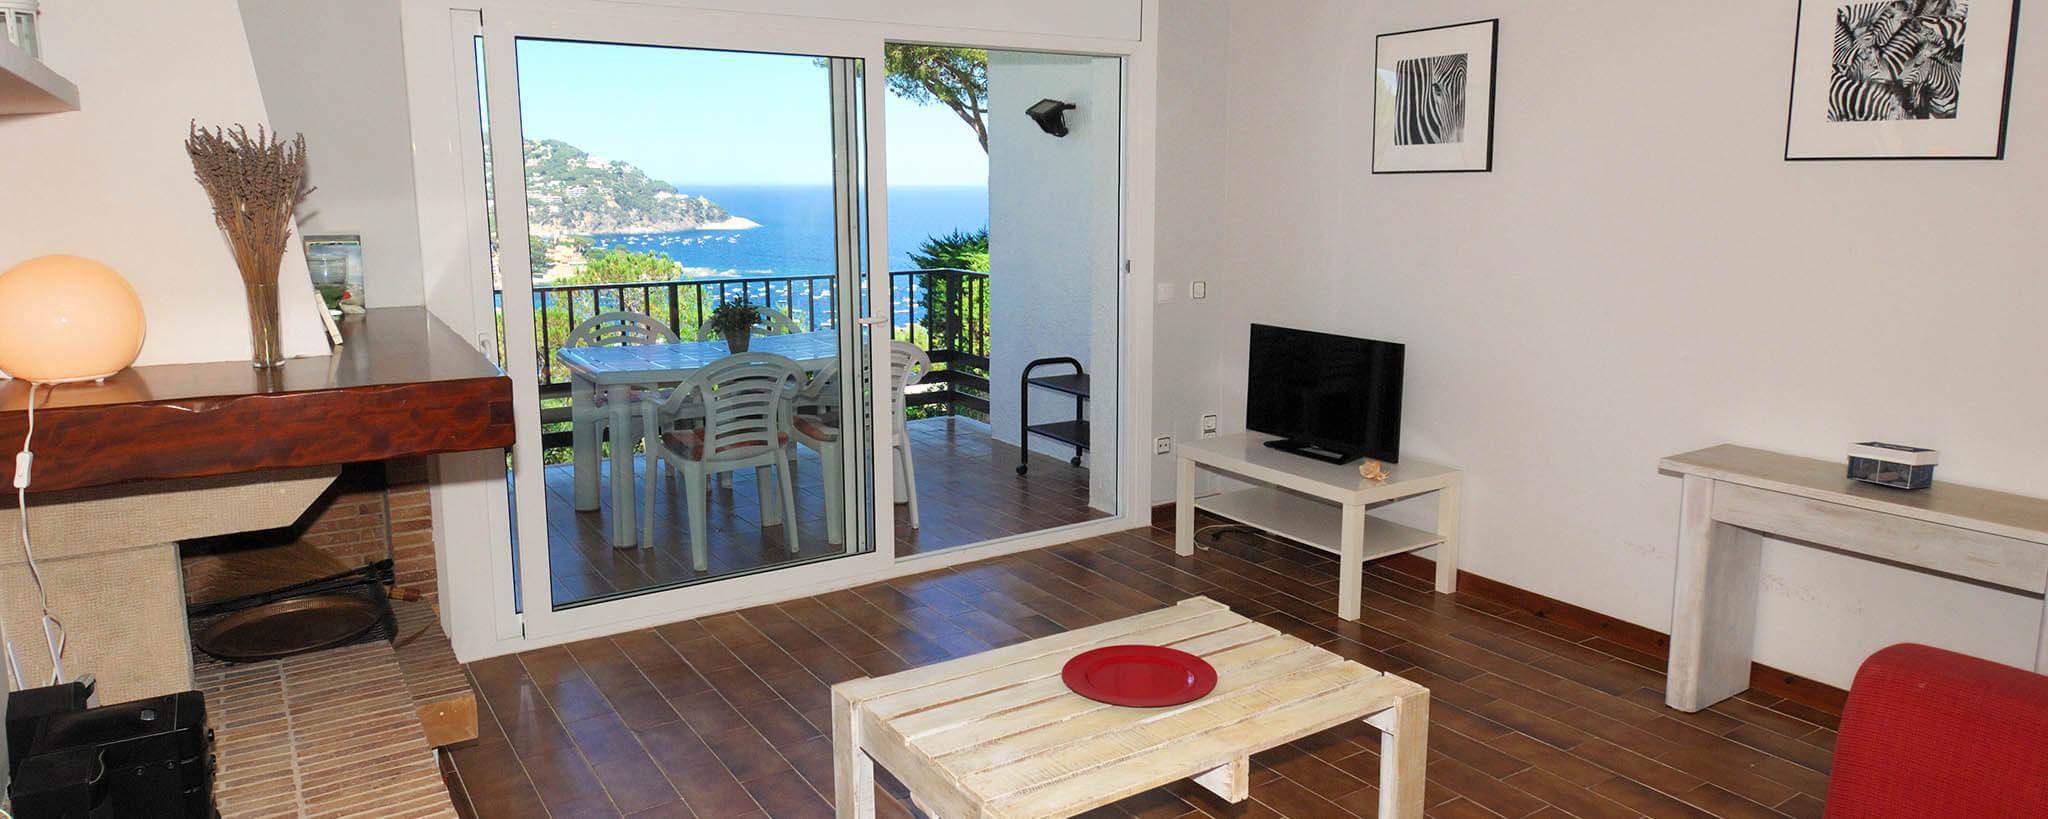 sch ner wohnung mit gemeinschaftspool zu calella. Black Bedroom Furniture Sets. Home Design Ideas